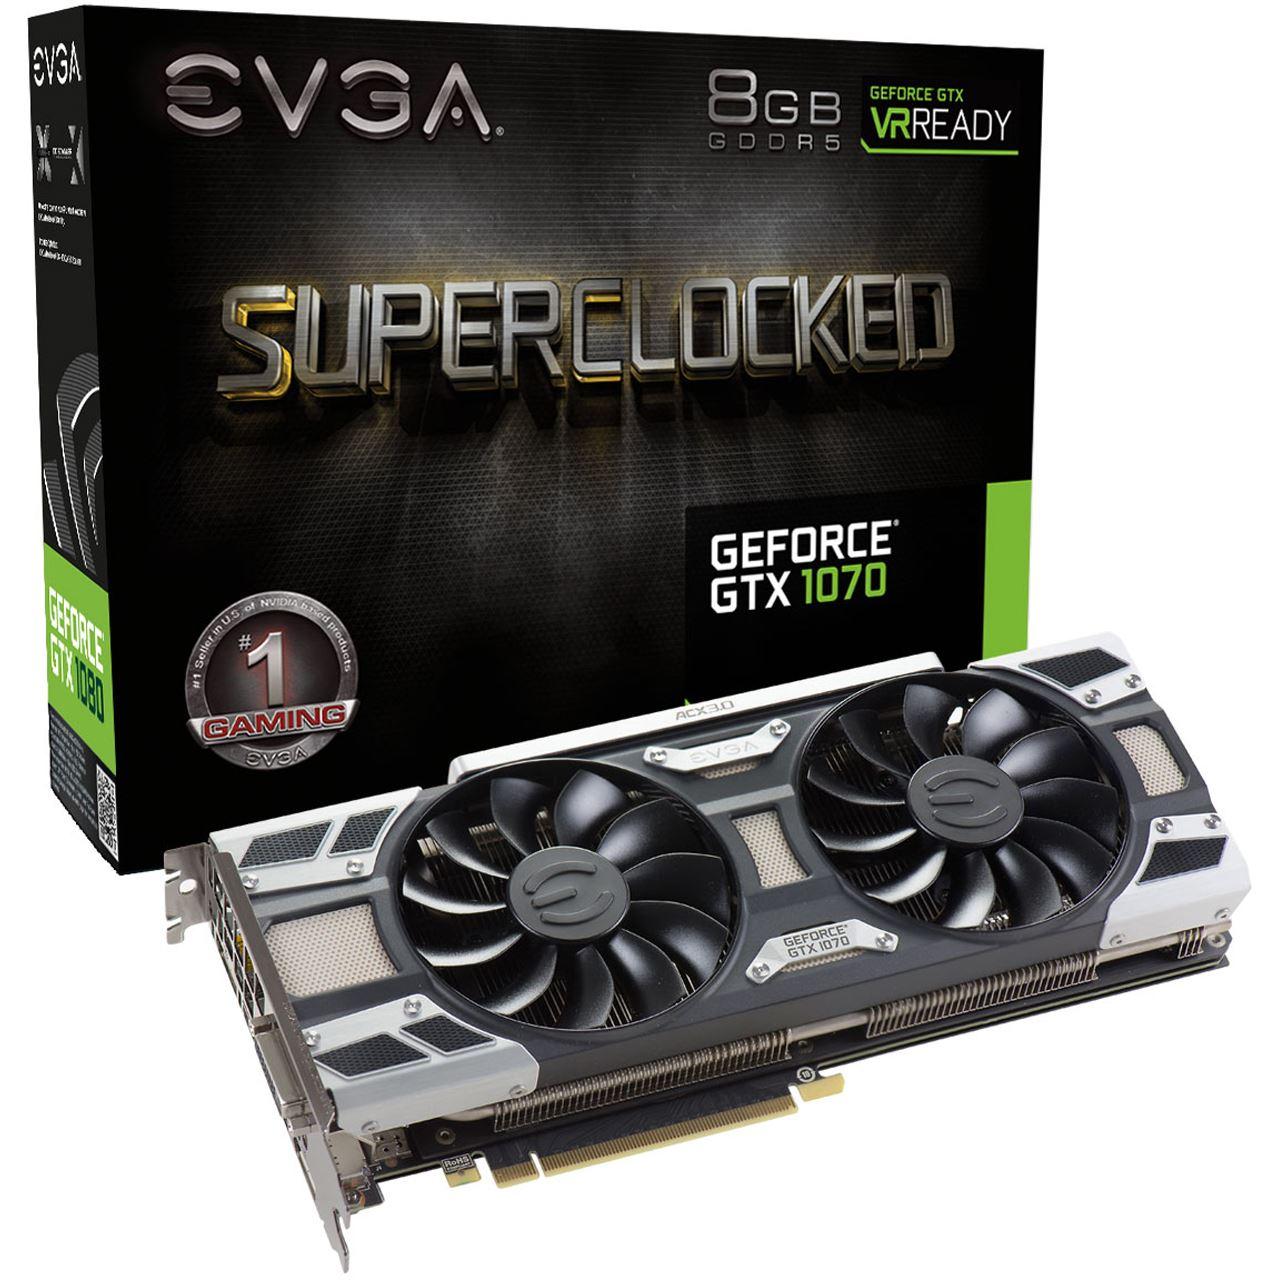 EVGA GeForce GTX 1070 SC oder FTW ab 367 € mit Masterpass [Notebooksbilliger]